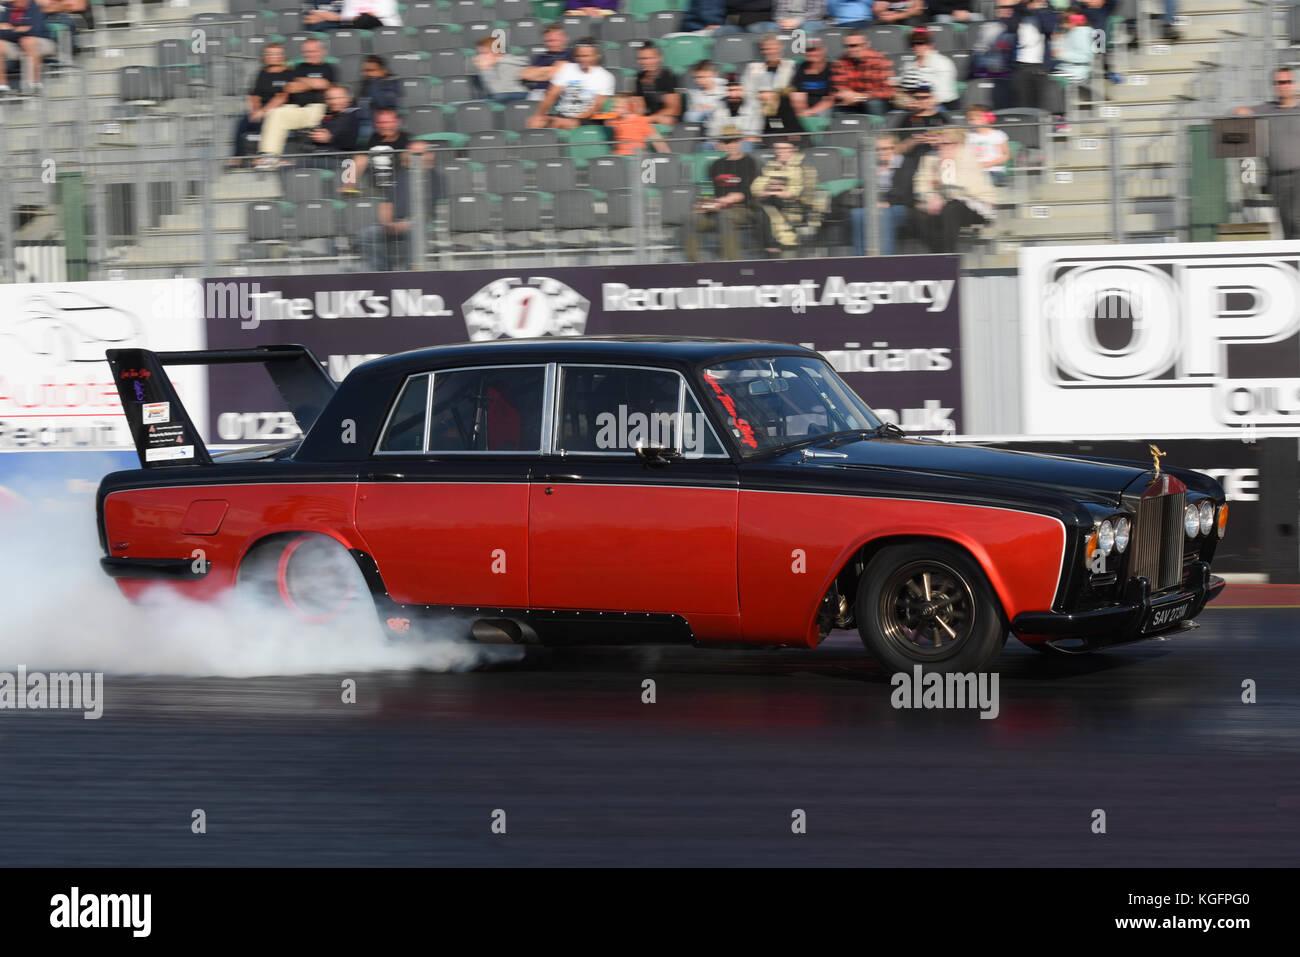 Drag Racing Santa Pod Raceway Stock Photos & Drag Racing